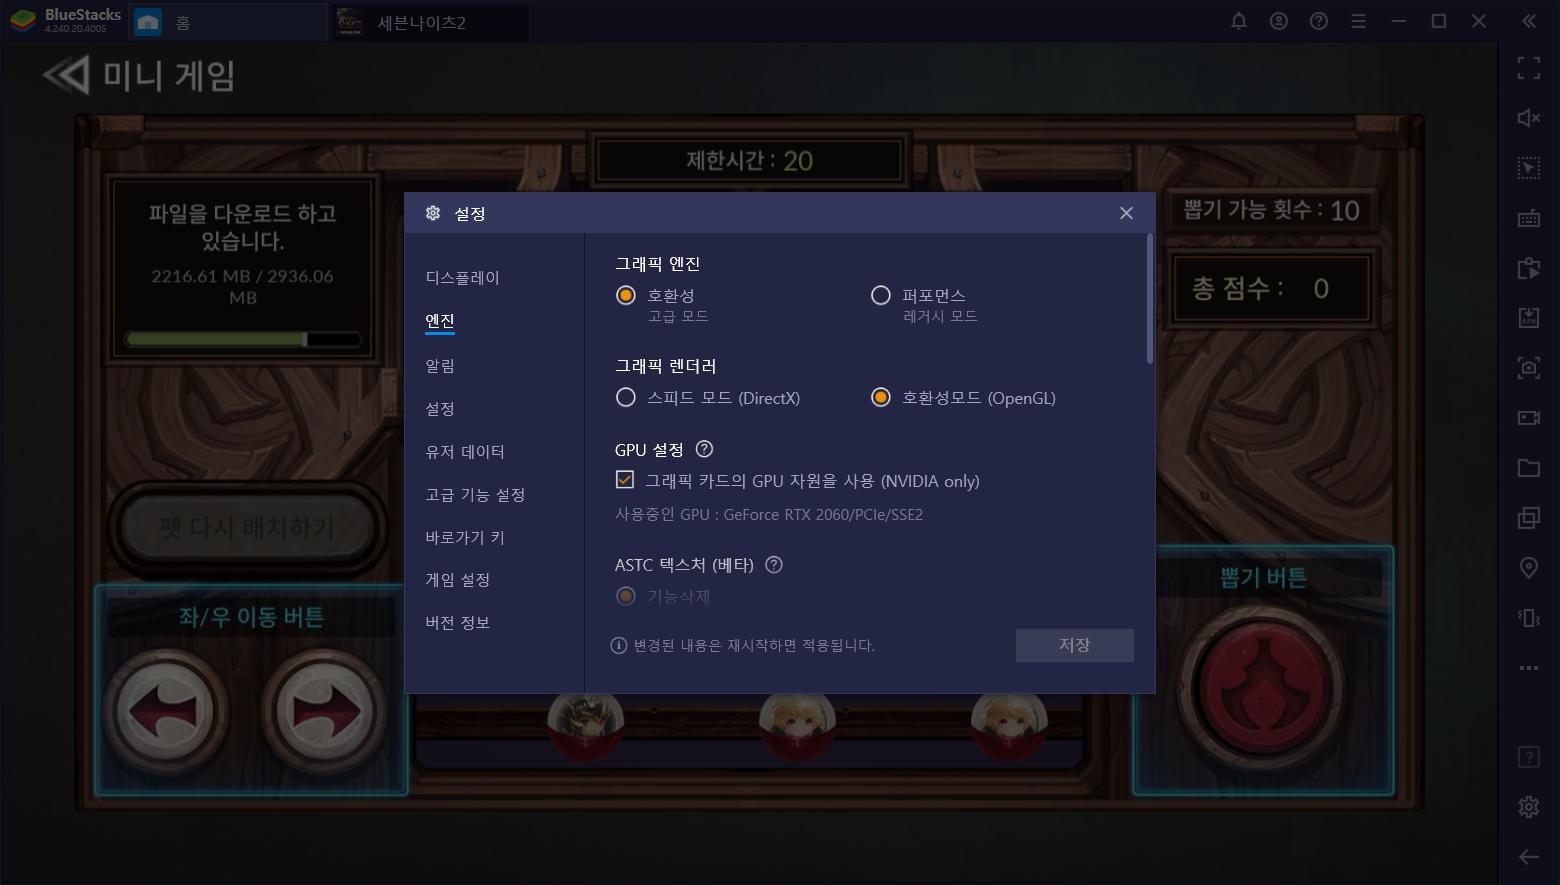 세븐나이츠2(세나2) PC 앱플레이어에서 최적화 환경 만들어요!